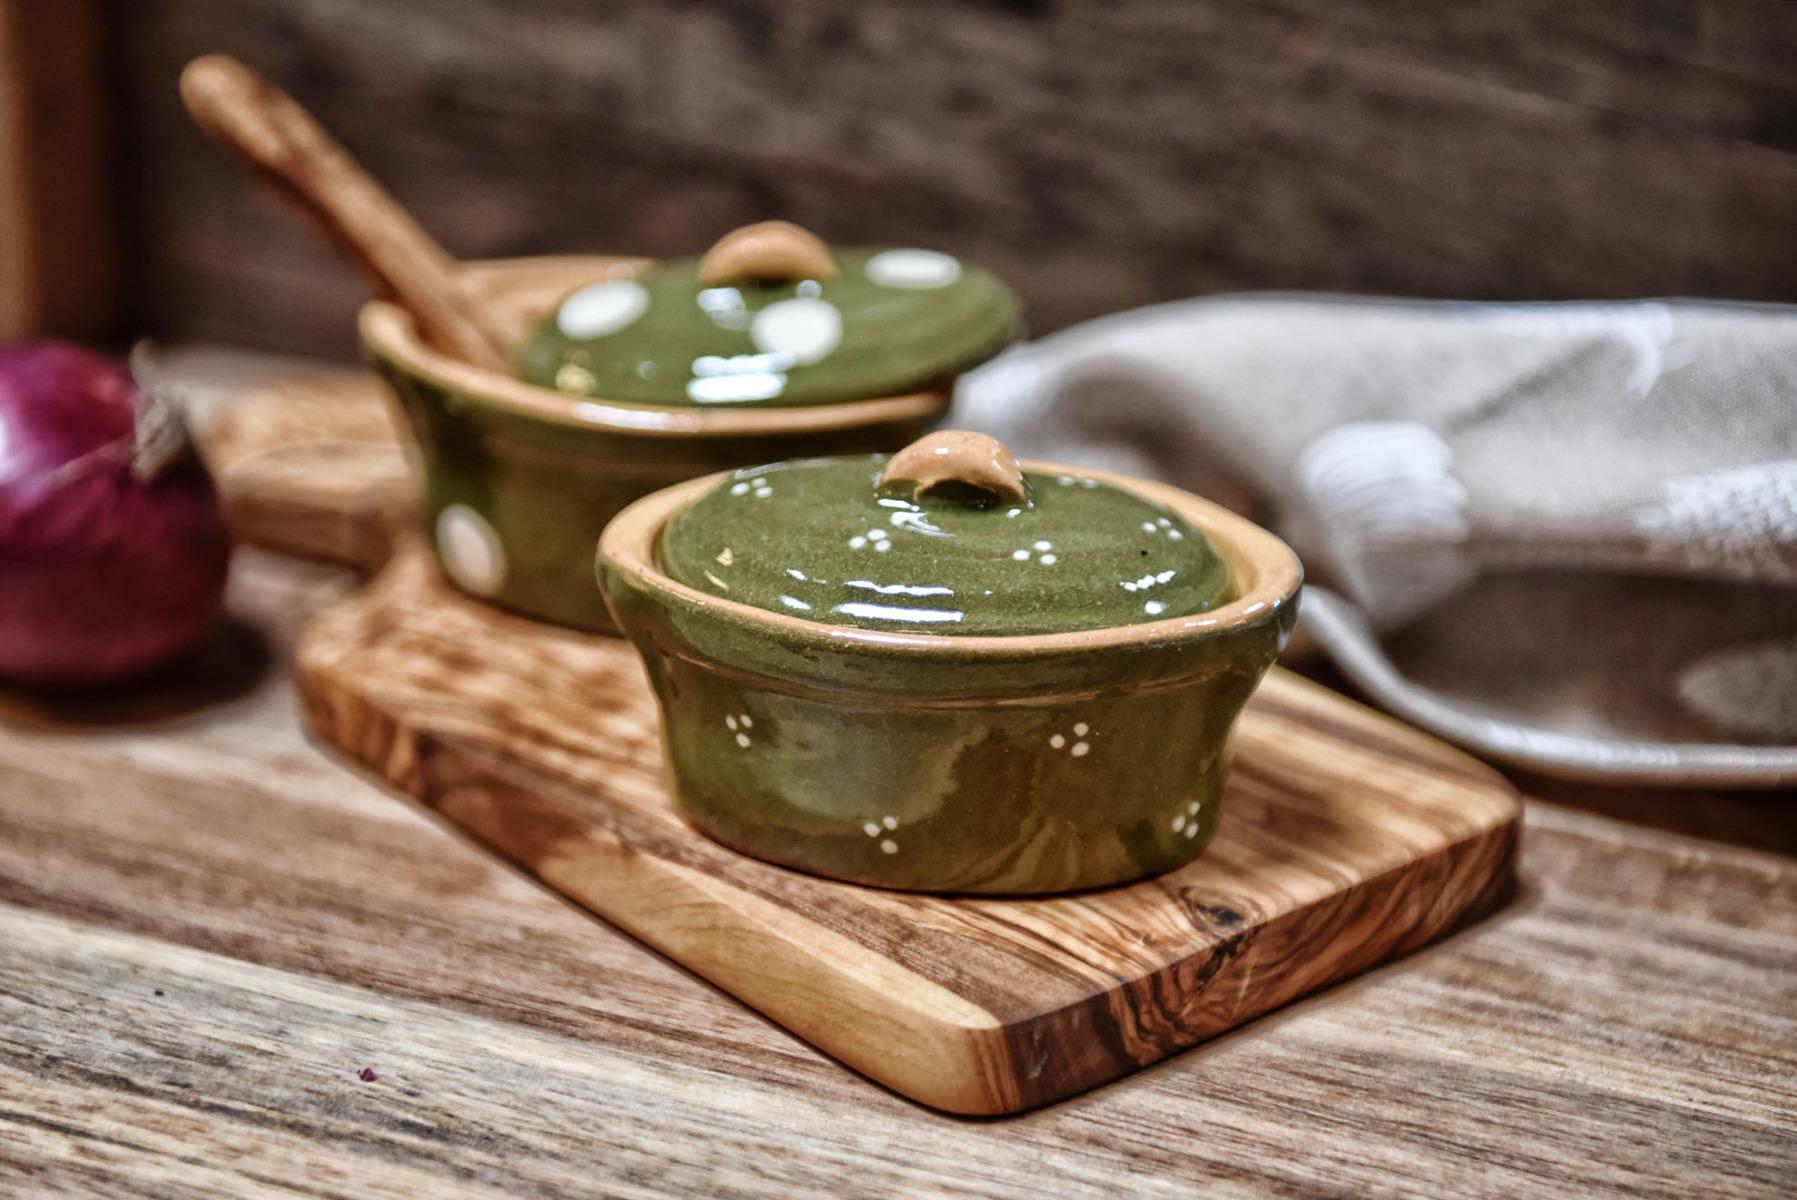 Schmalztöpfchen aus Elsässer Keramik